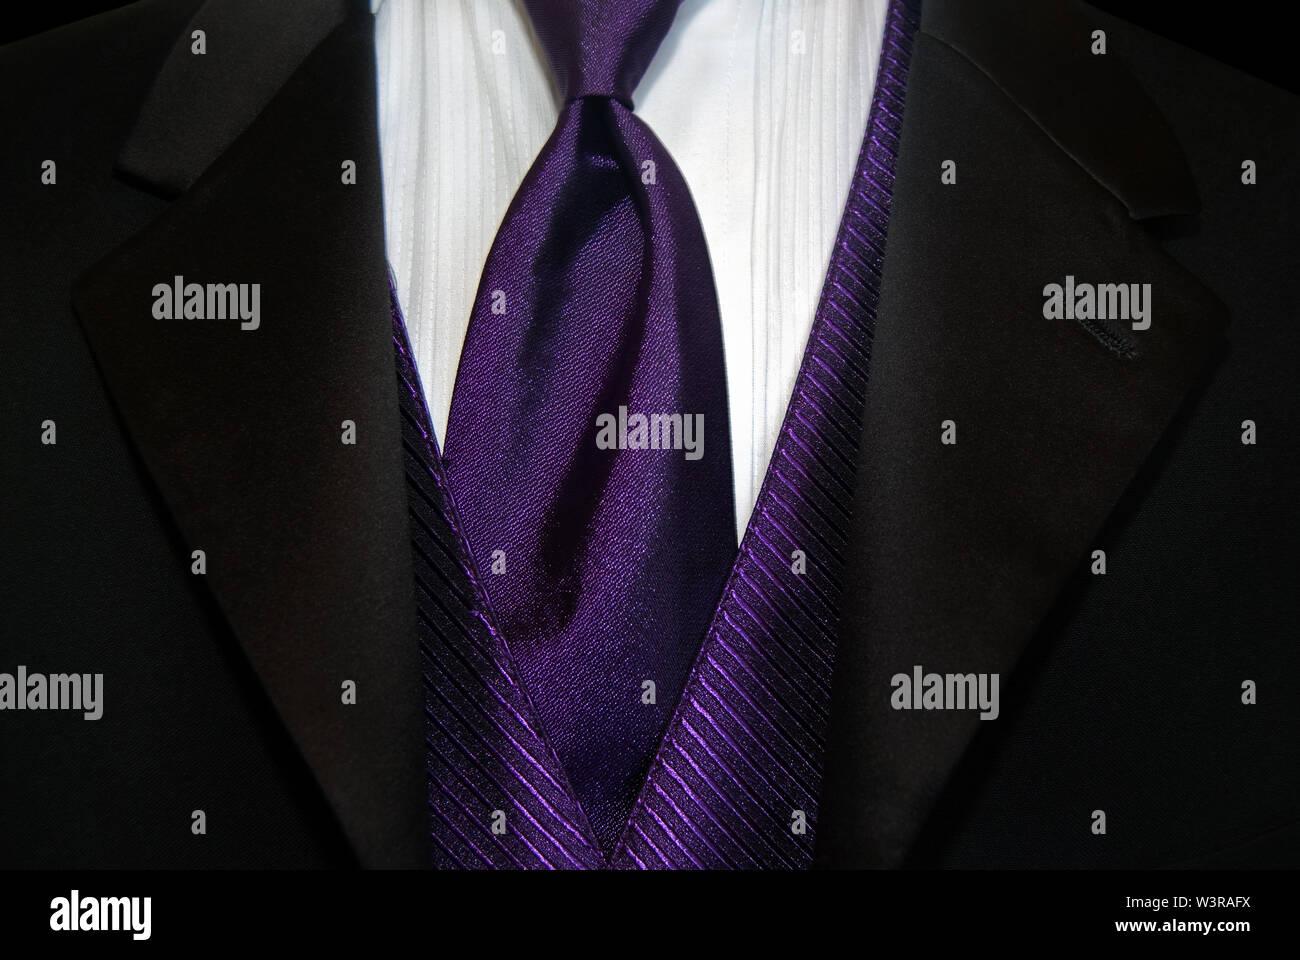 Bright purple tie and vest accenting black tuxedo. - Stock Image